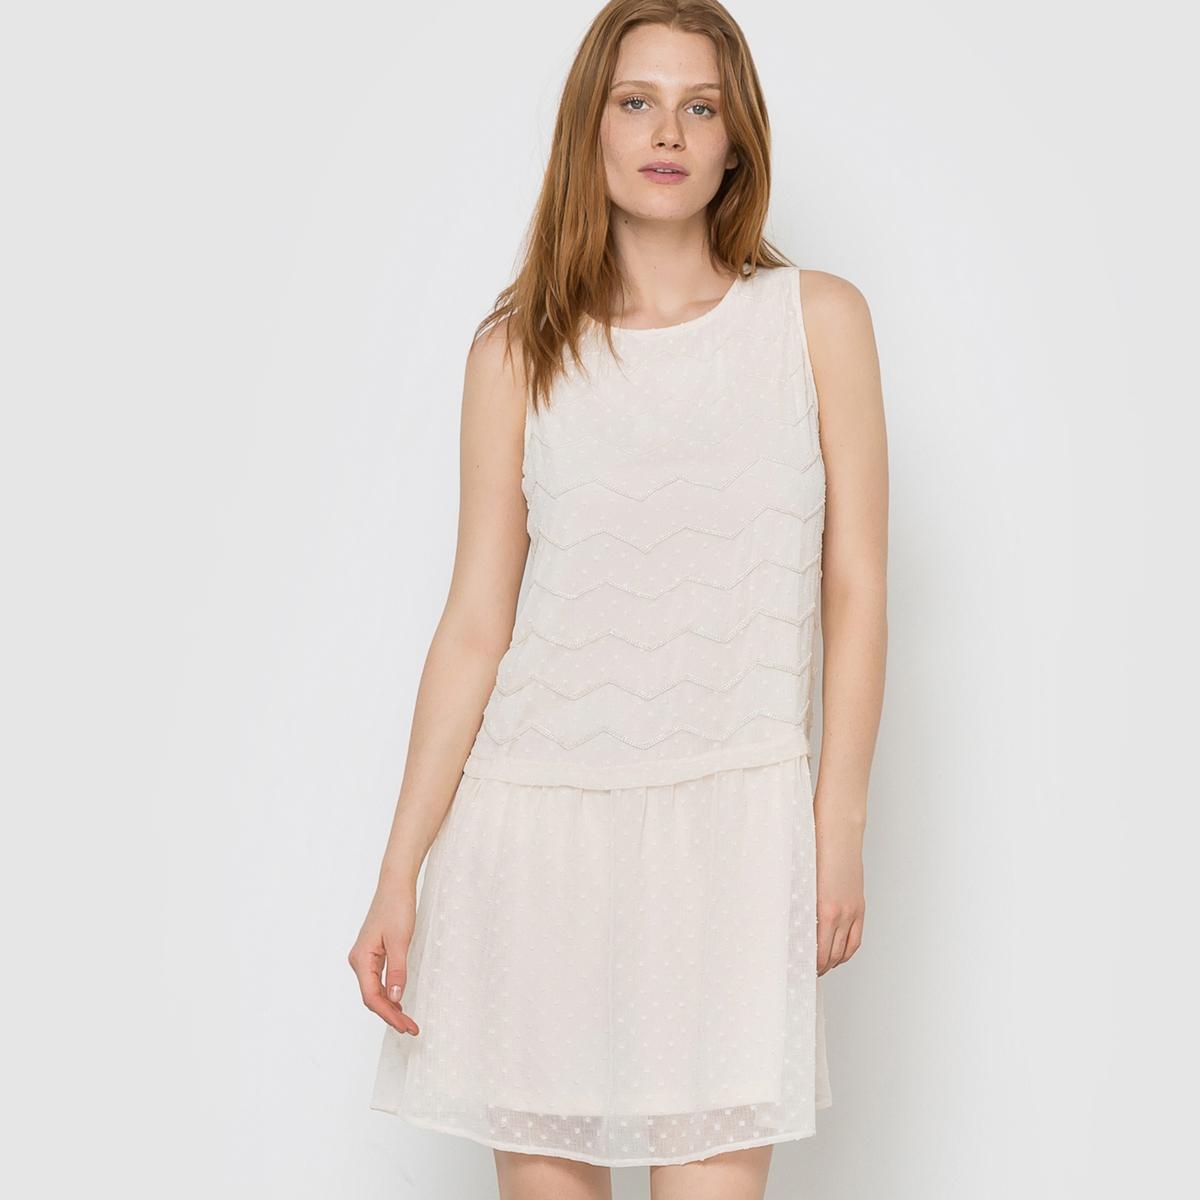 Платье прямое VIKELSAYПлатье прямое VIKELSAY от VILA . V-образный вырез сзади. Вставки из бисера и вышивки с гладью .Состав и описание     Материал: 100% полиэстера.     Марка: VILA<br><br>Цвет: розово-бежевый